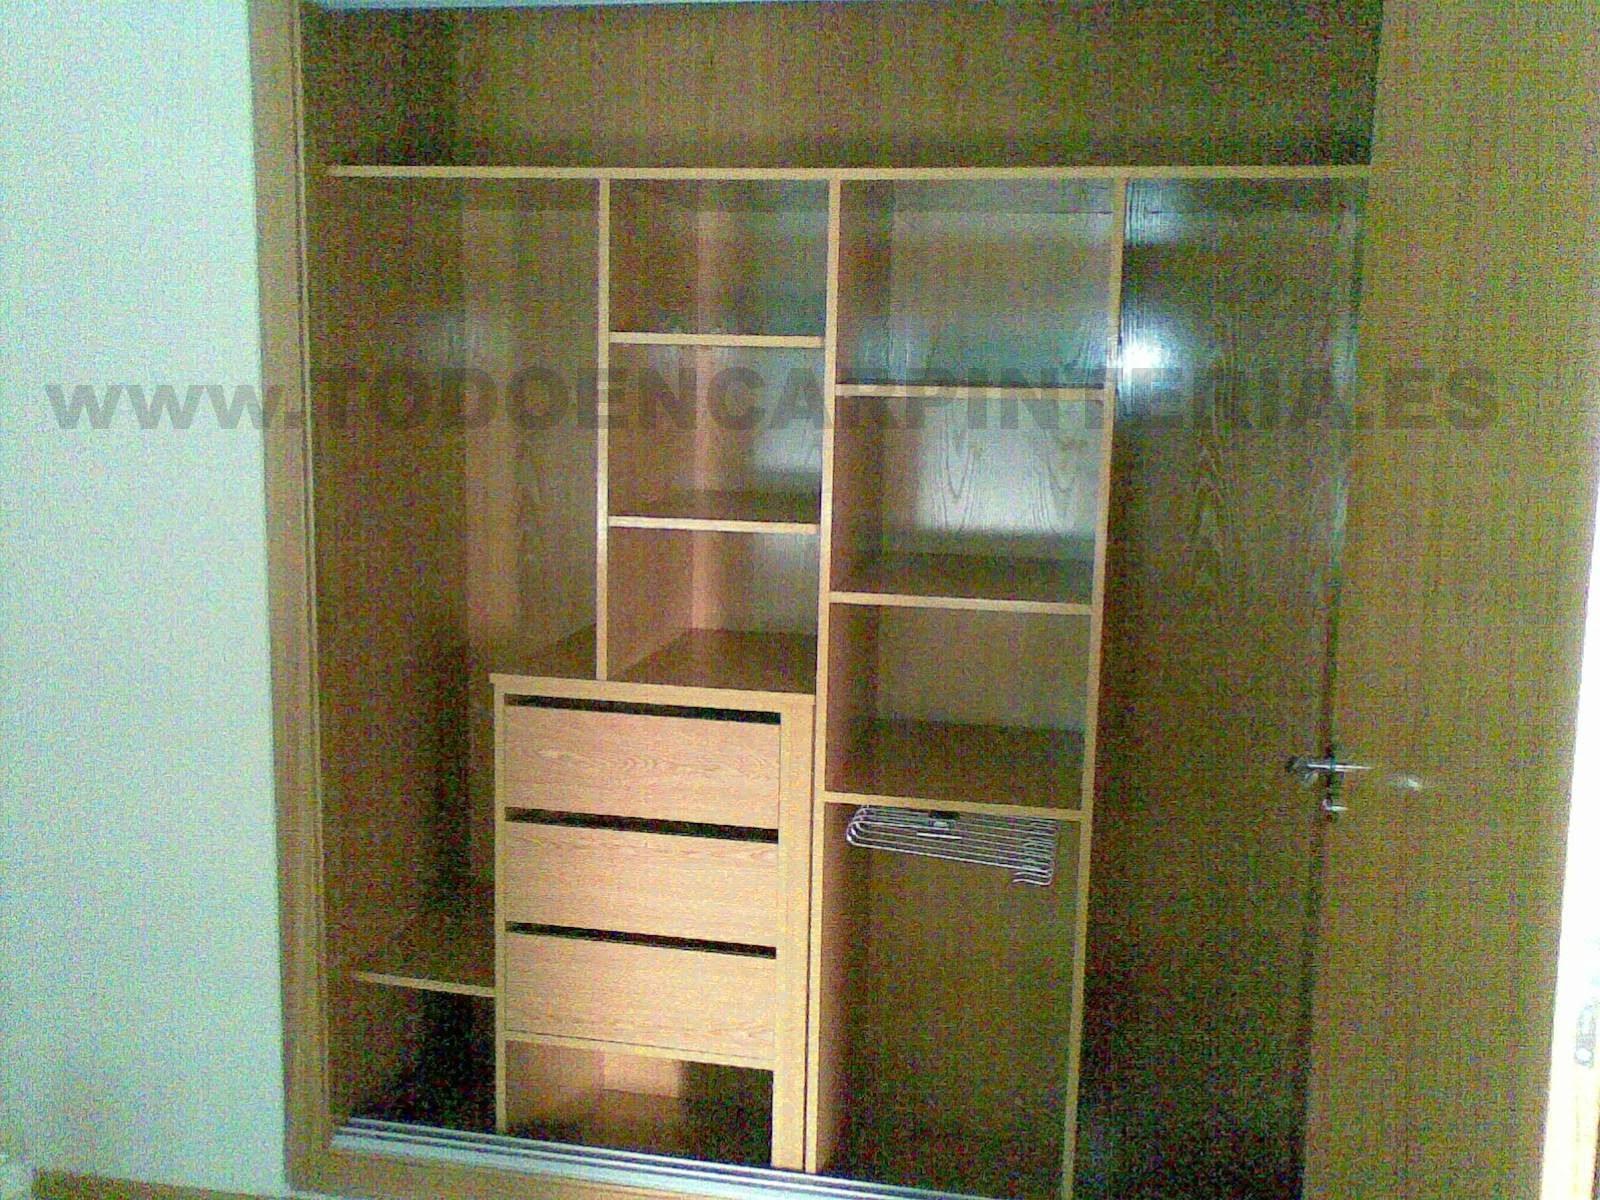 Forrado interior de un armario en madera de roble con pantalonera